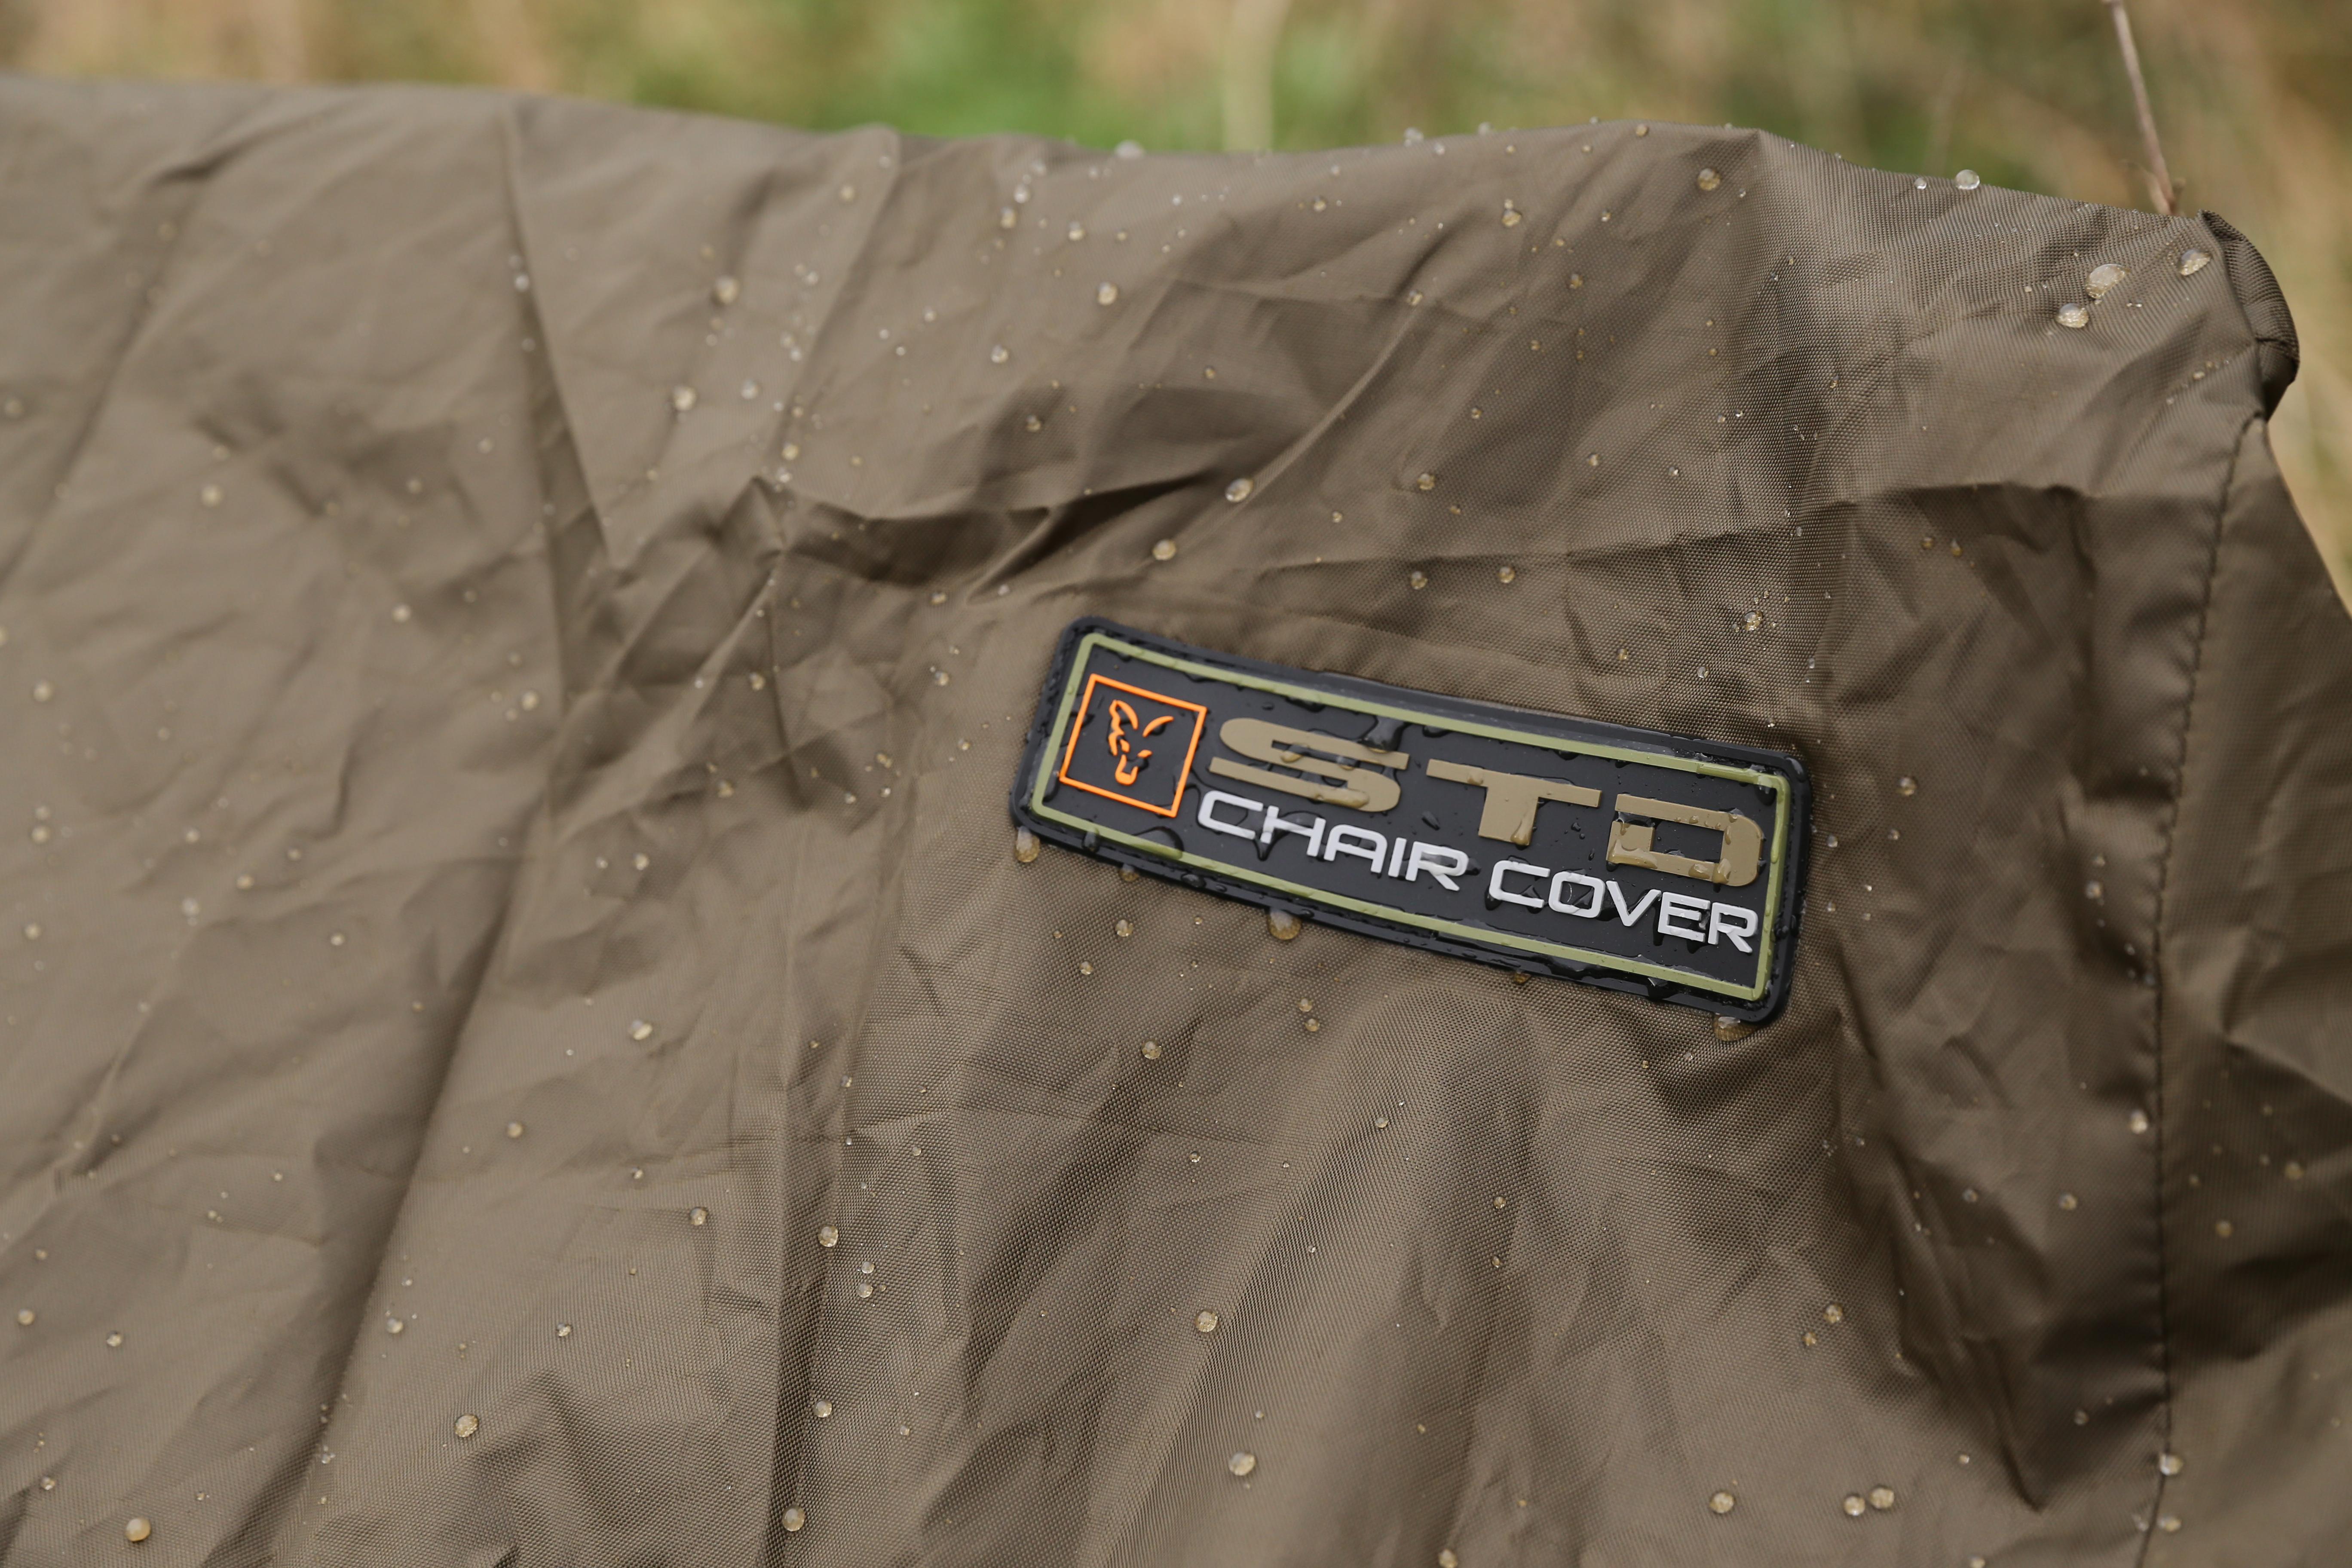 IMG 9999 - Wasserdichtes Stuhlcover von Fox